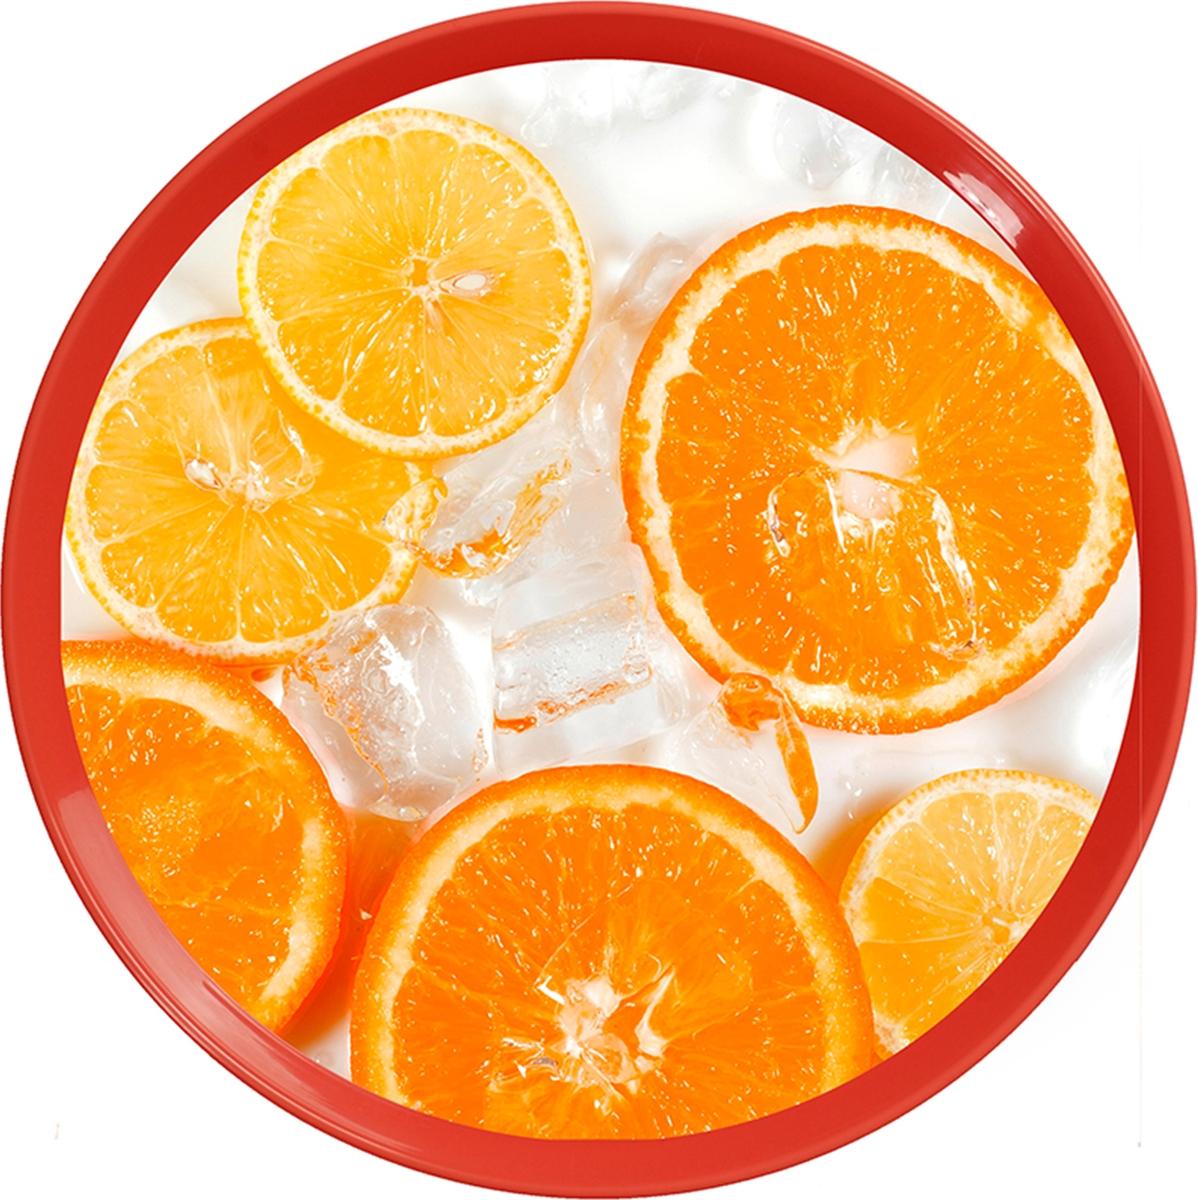 Классический круглый поднос с красочным декором, изготовлен из пластика. Поднос легко моется и быстро сохнет.